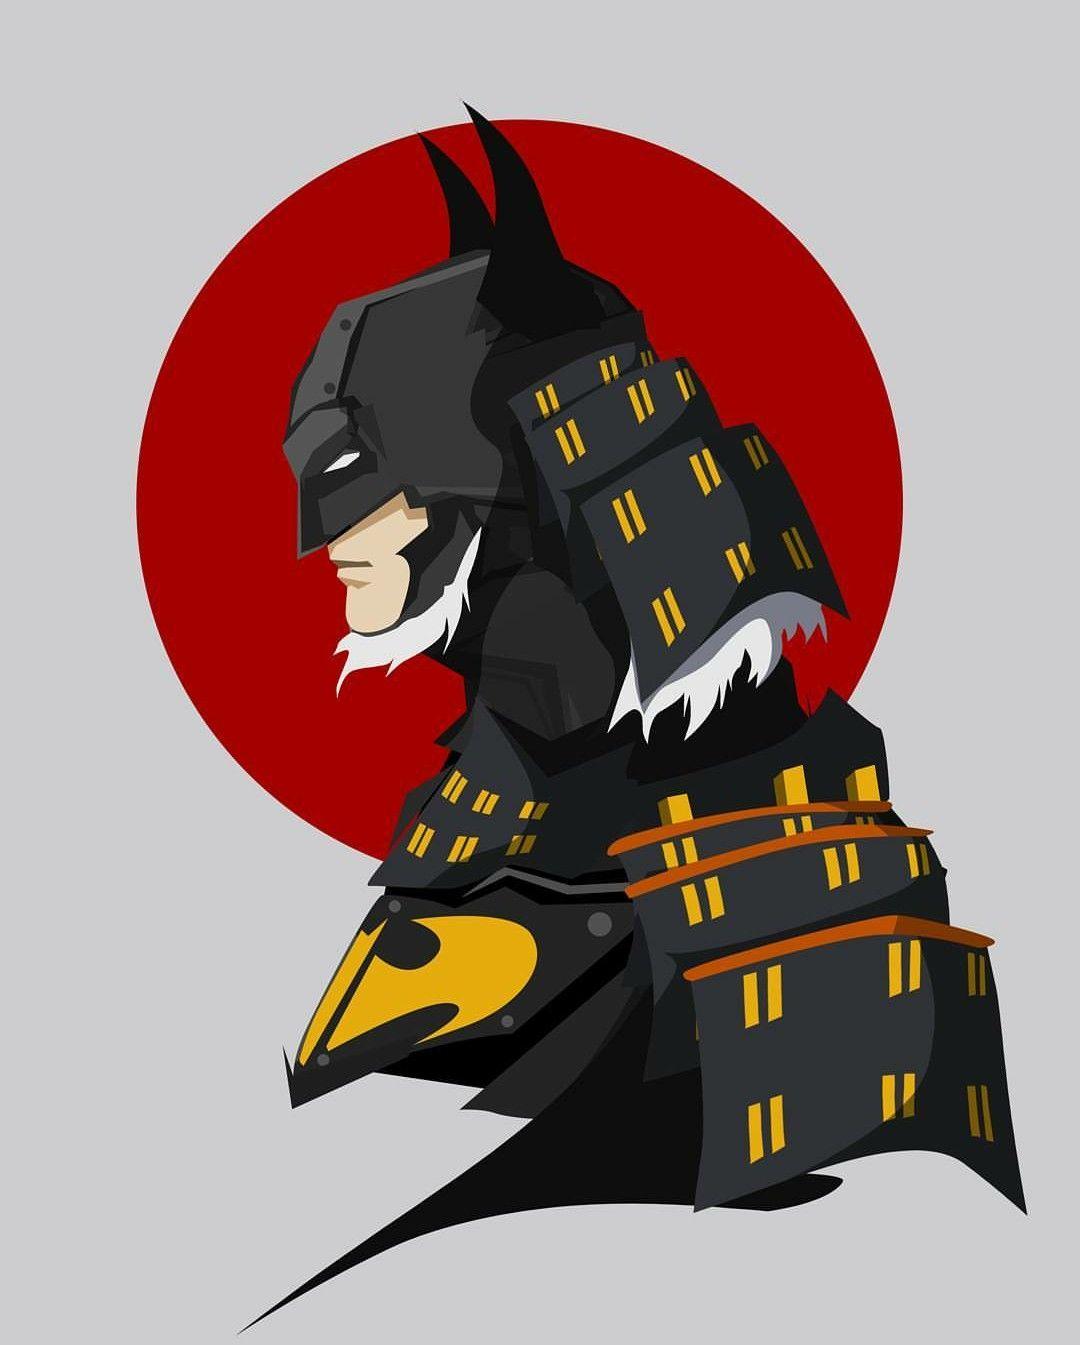 Batman Ninja By Bosslogic Batman Fan Art Batman Ninja Batman